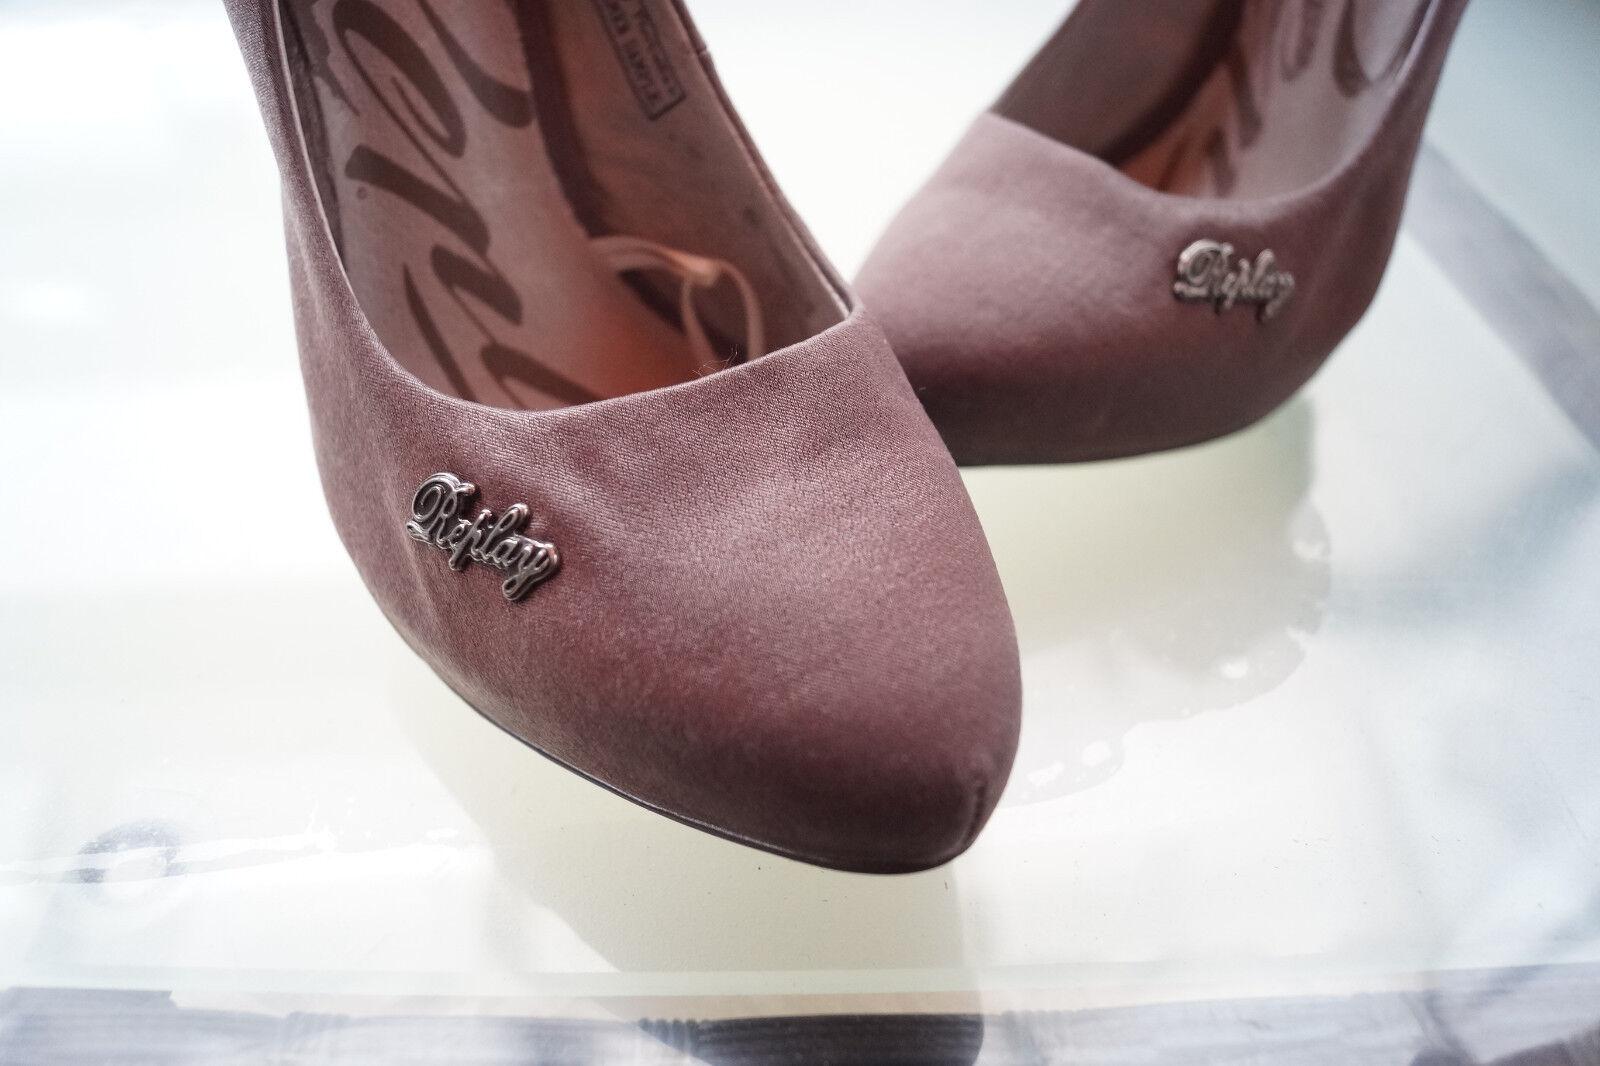 Sexy REPLAY Damen Abendschuhe Schuhe High Heels Pumps Abendschuhe Damen glanz Gr.37 dunkelgrau NEU 0fd117